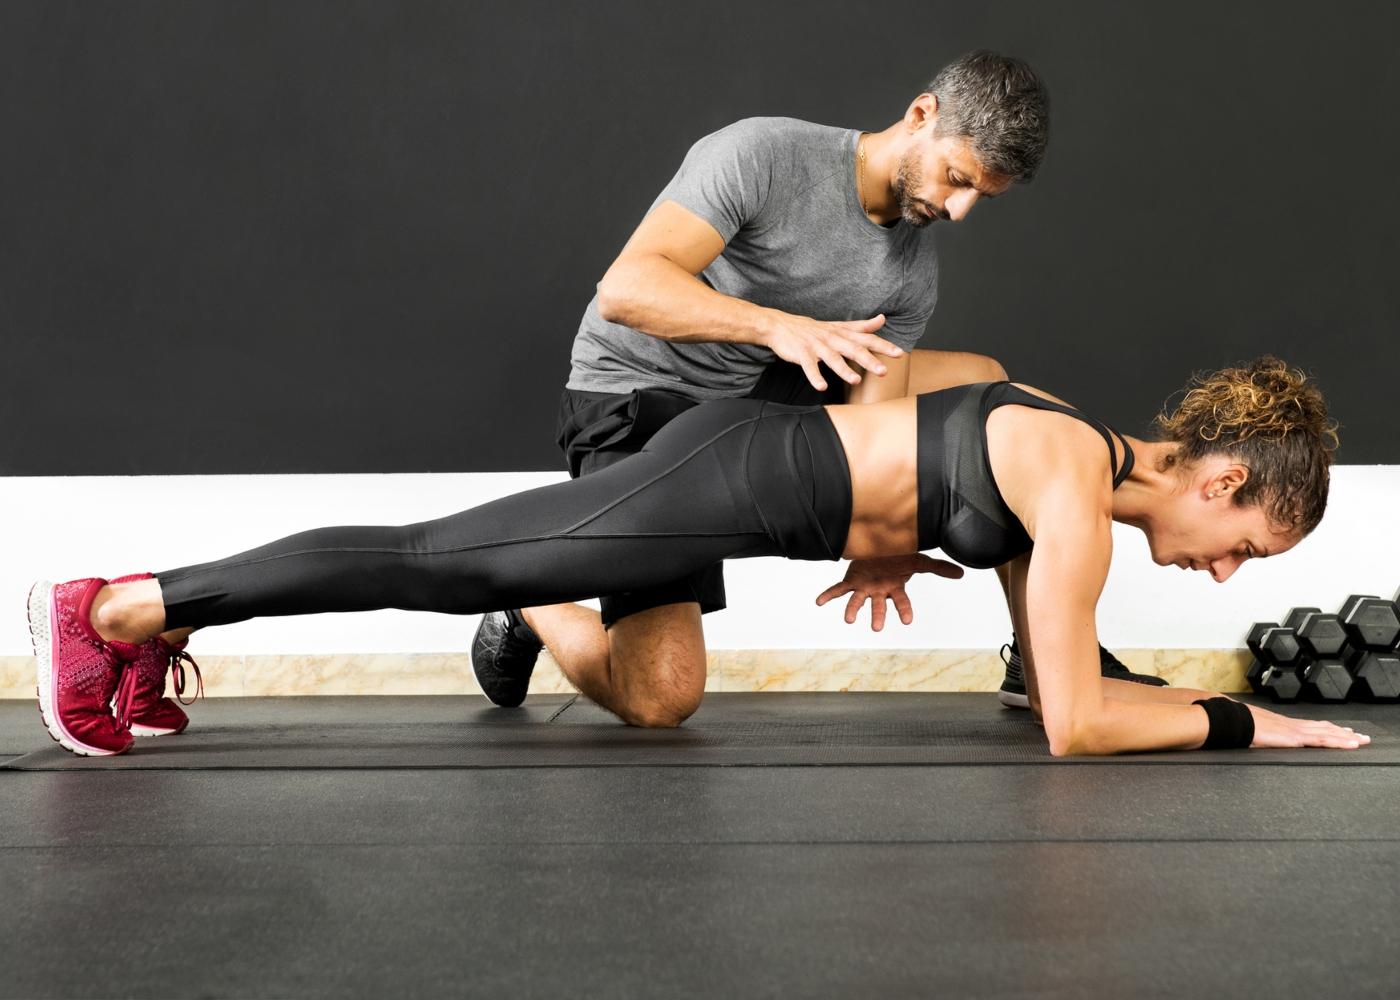 PT a corrigir postura de atleta durante treino